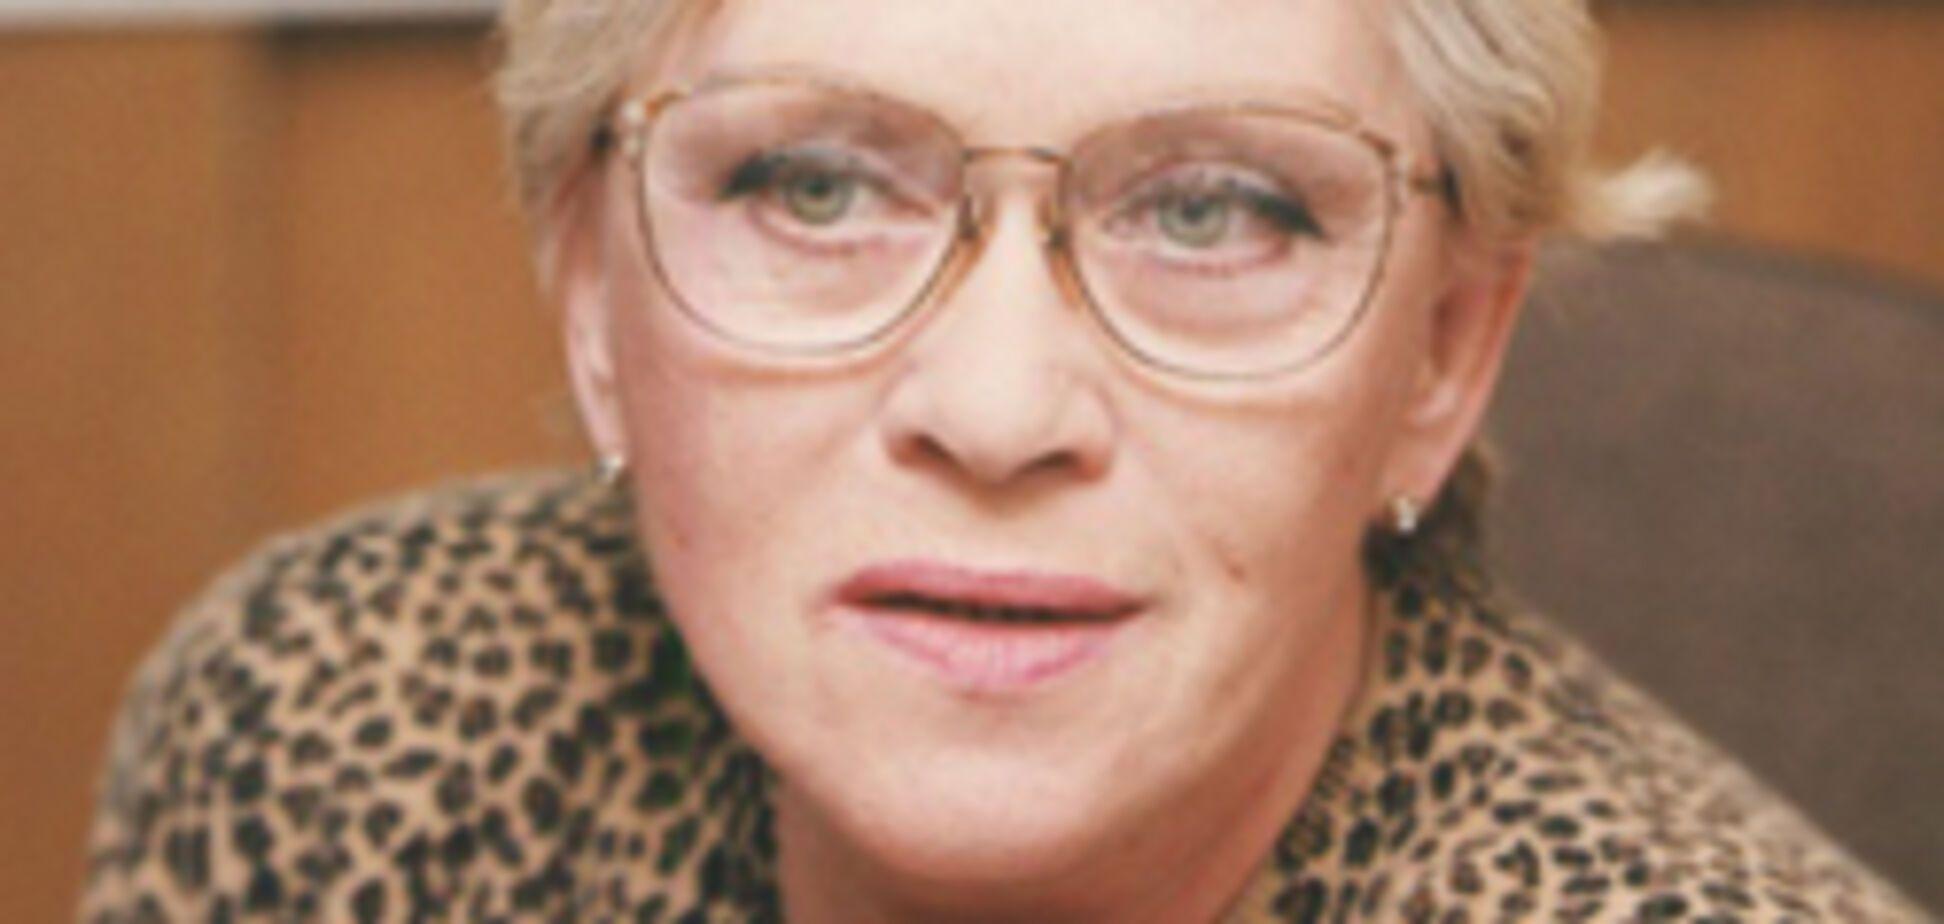 Аліса Фрейндліх: 'Дамі, якій вдалося б відвести у мене чоловіка, я можу лише позаздрити'